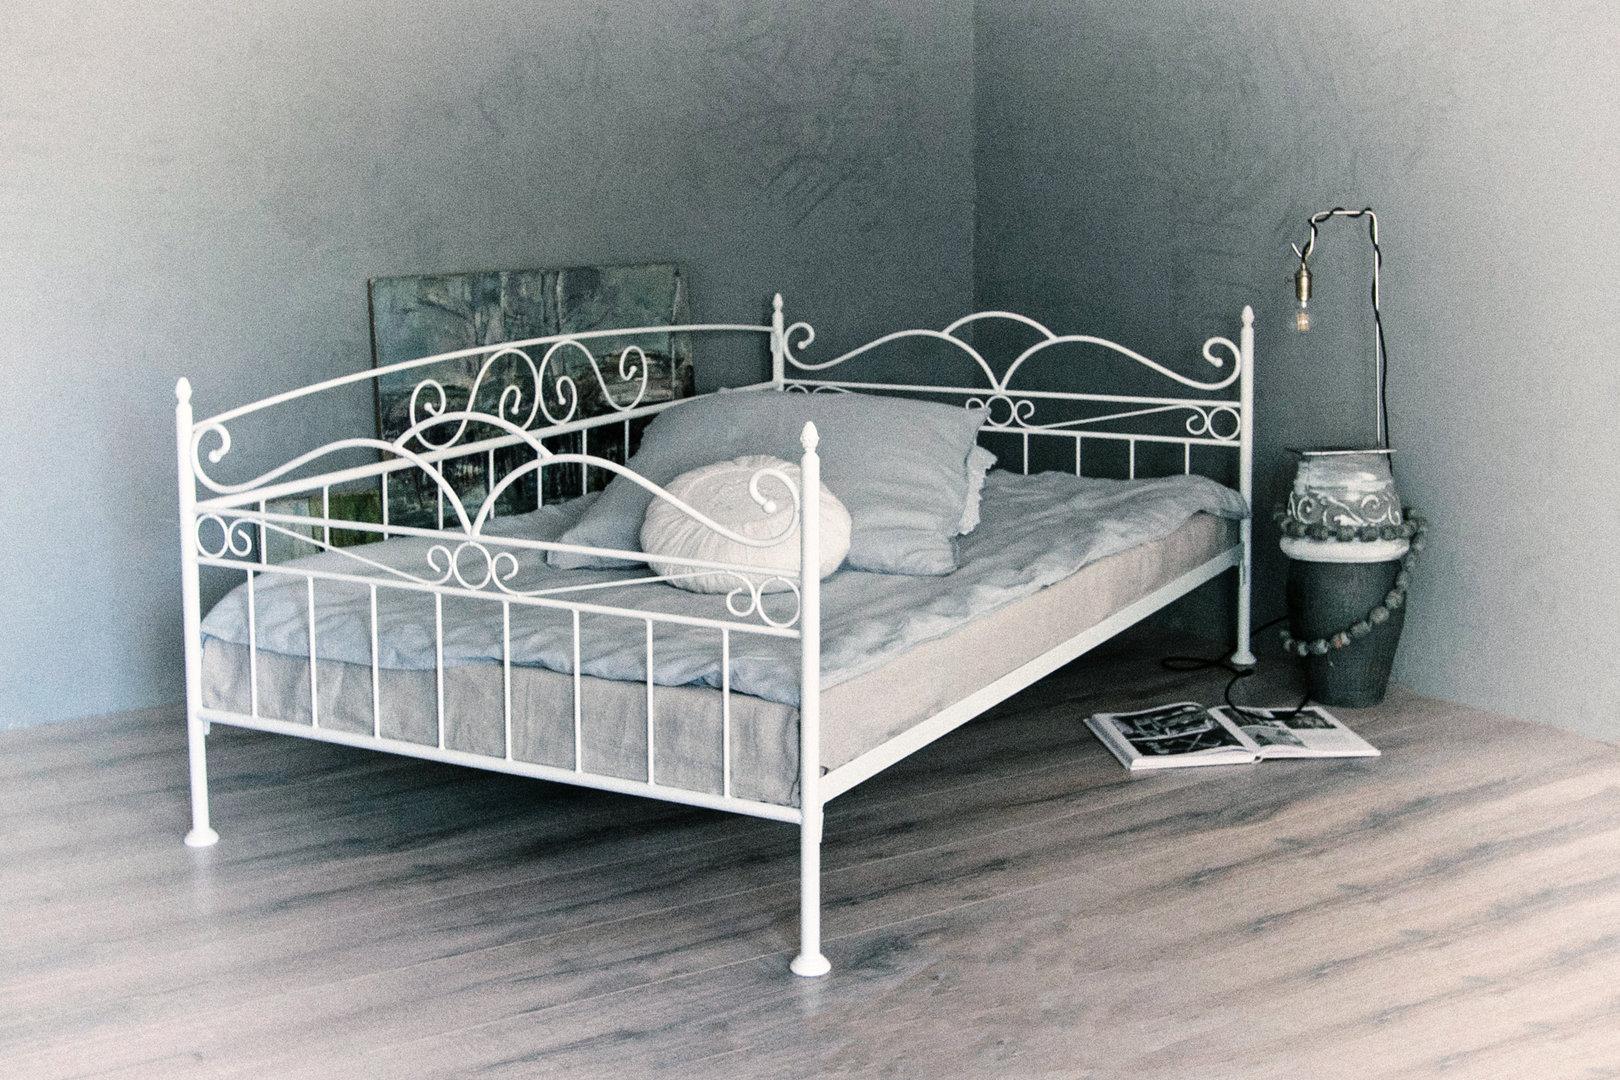 Full Size of Betten 120x200 Trend Sofa Bett In Weiss Ecru Transparent Kupfer Ebay Günstige 180x200 Trends 200x200 Mit Bettkasten Kopfteile Für Outlet Frankfurt Bett Betten 120x200